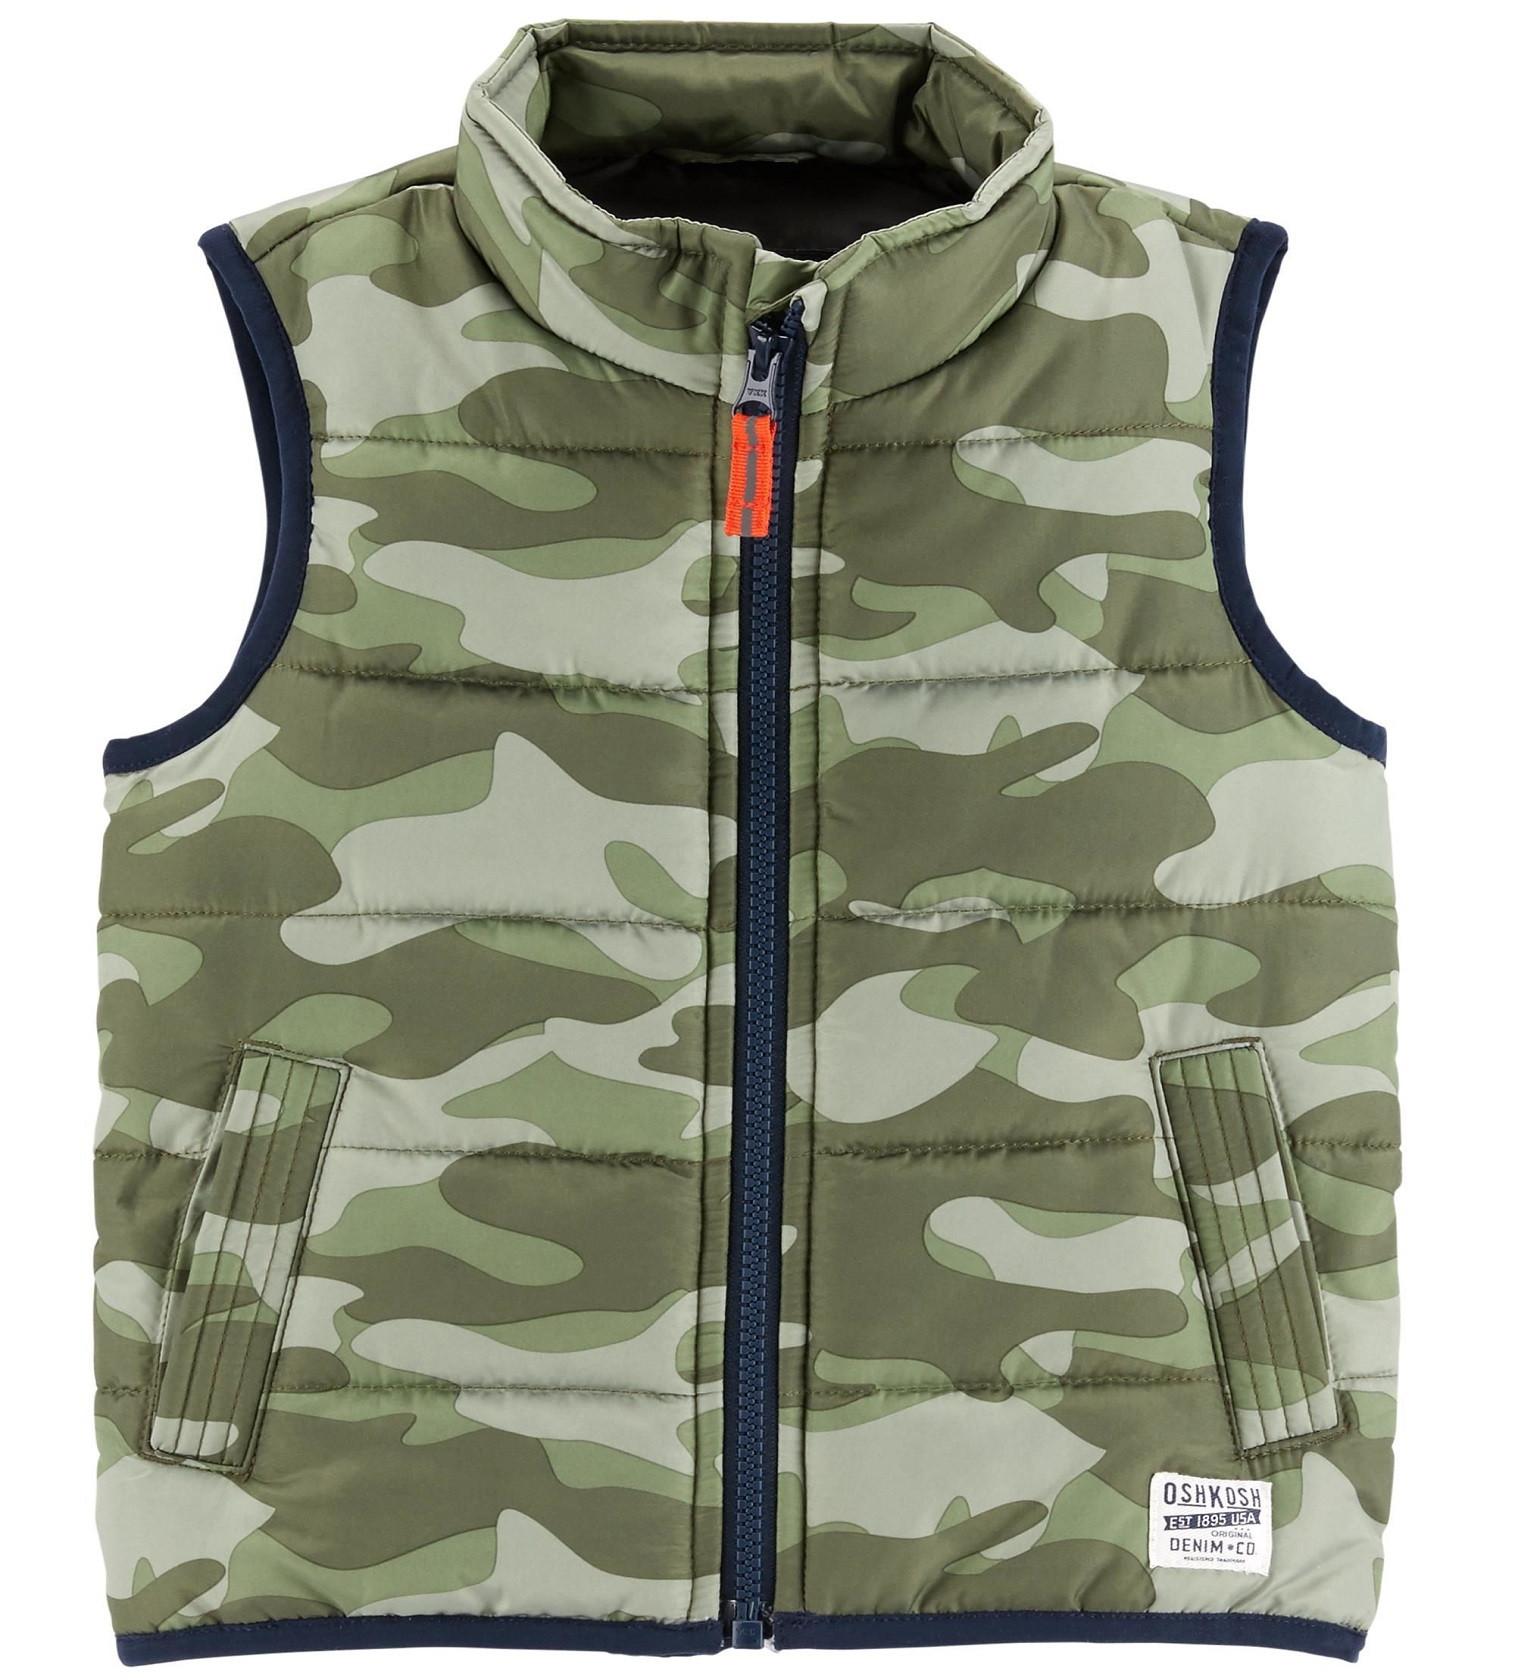 Купити Жилетка OshKosh Vest Camo - фото 1